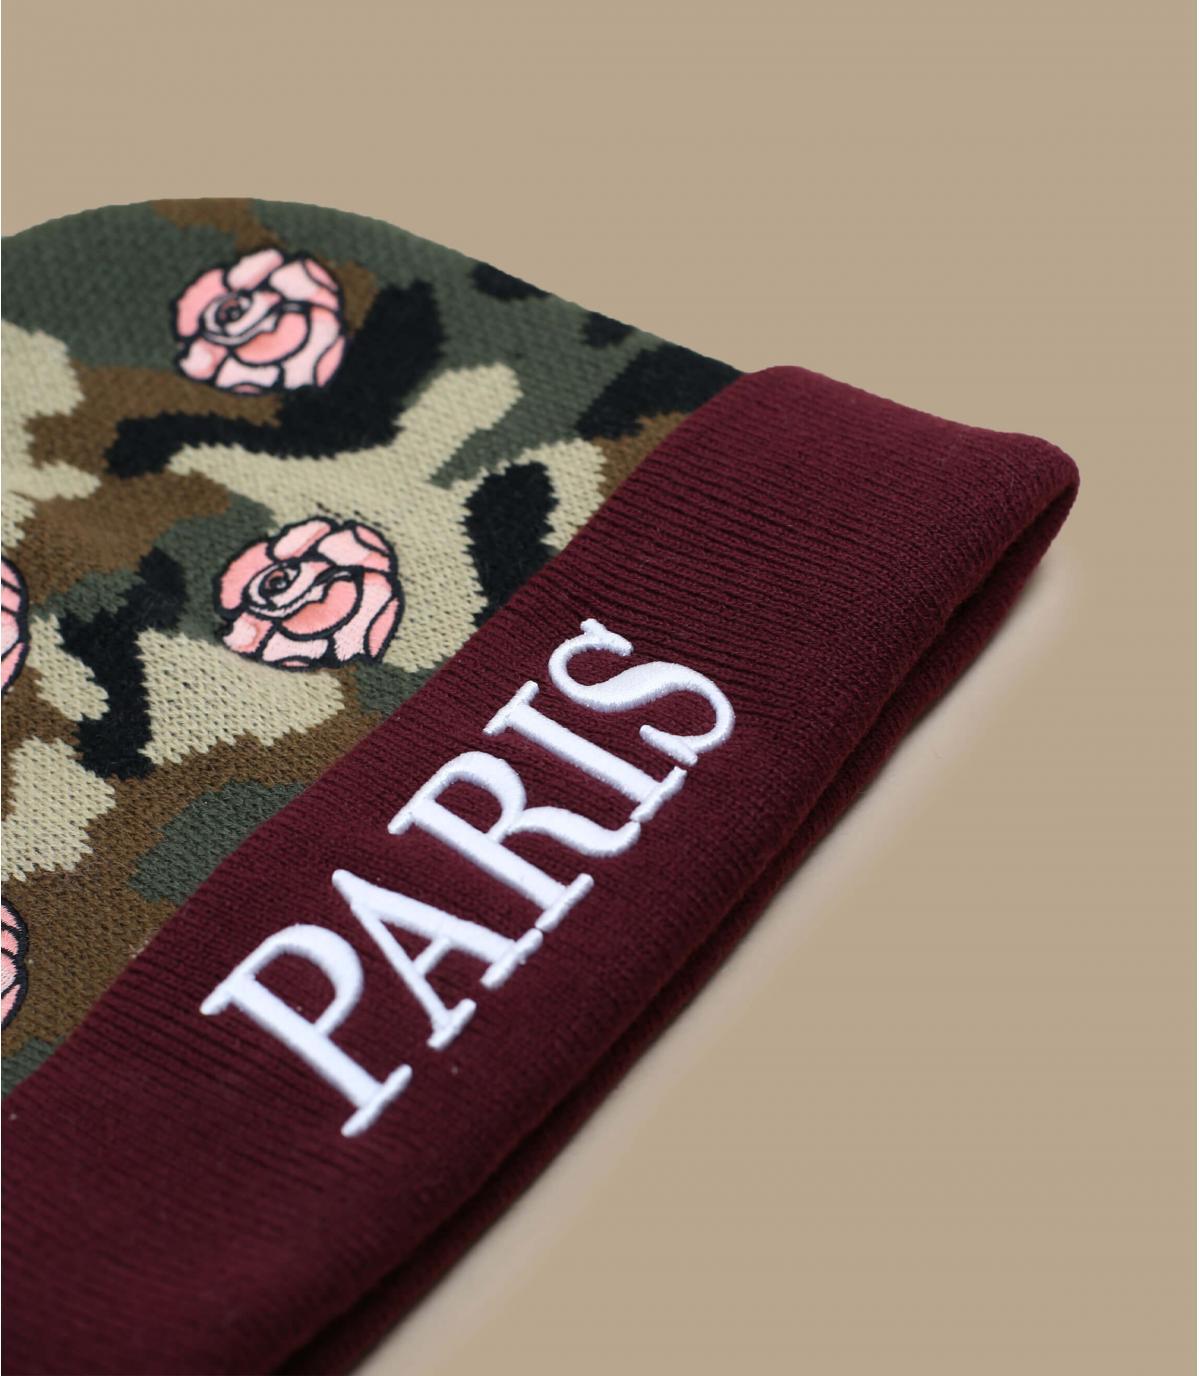 Details Mütze Le Parisien geblümt - Abbildung 3